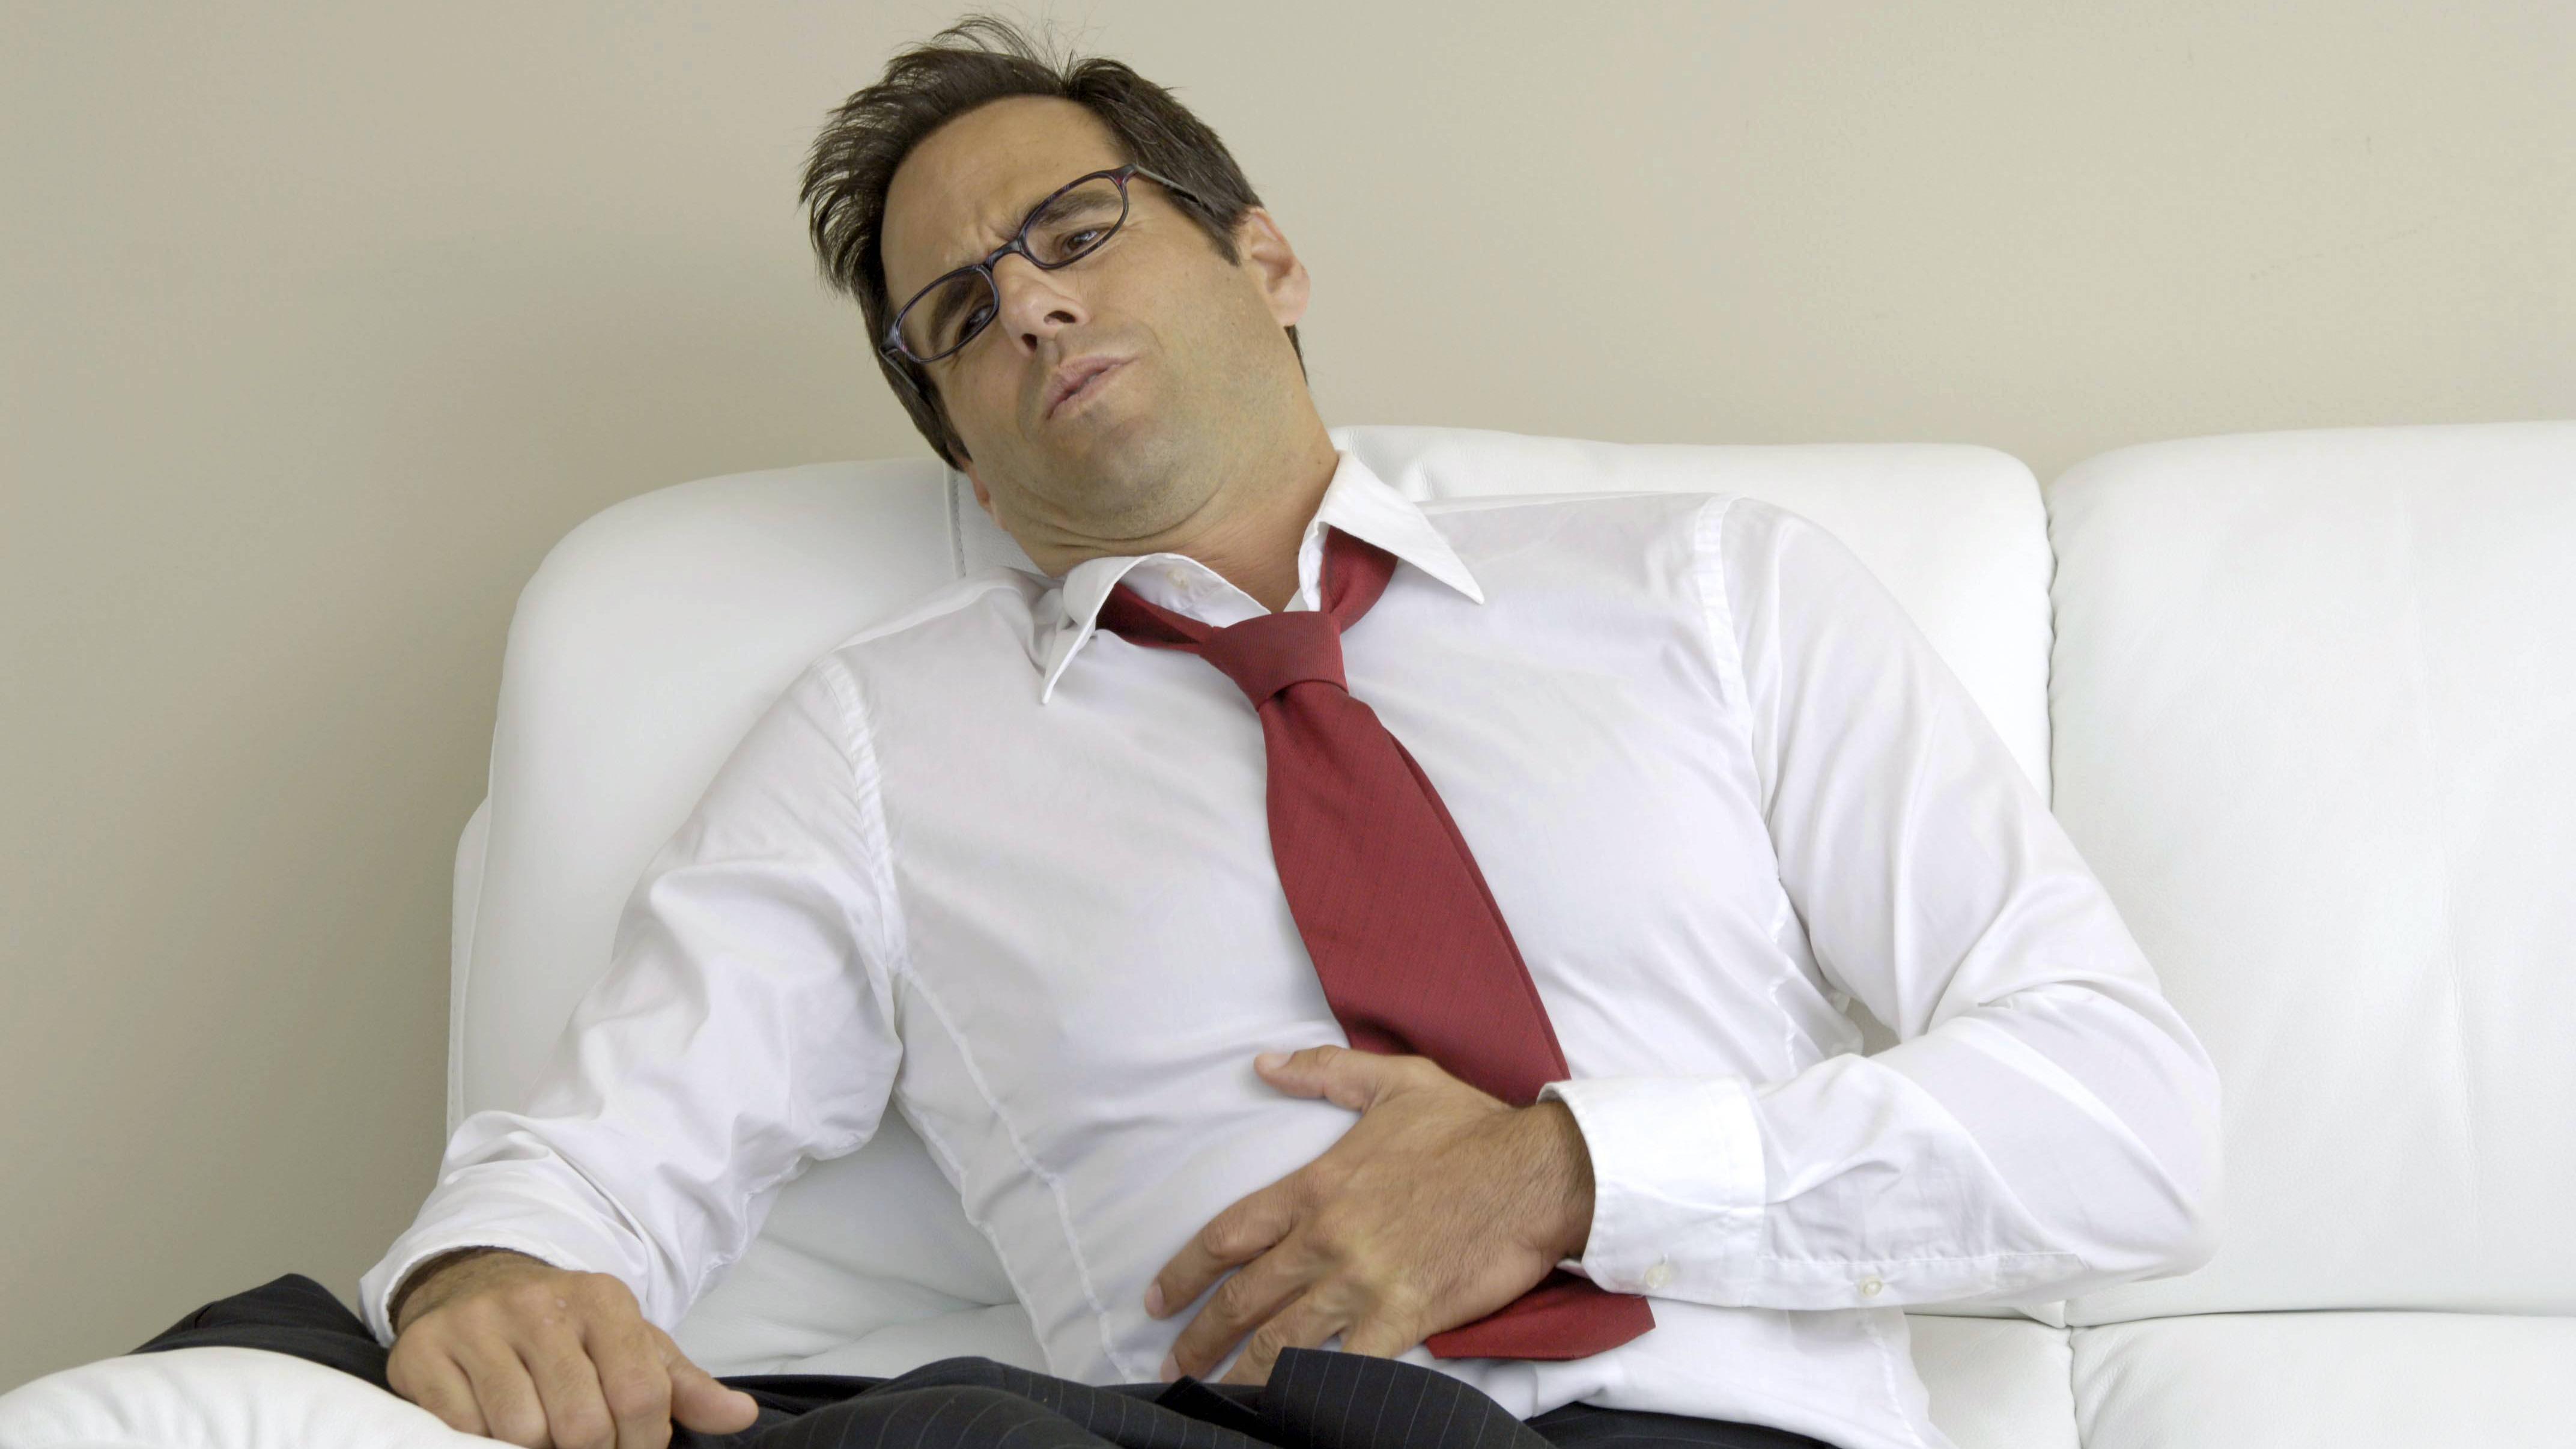 Was hilft gegen Nervenschmerzen? Hausmittel und Tipps